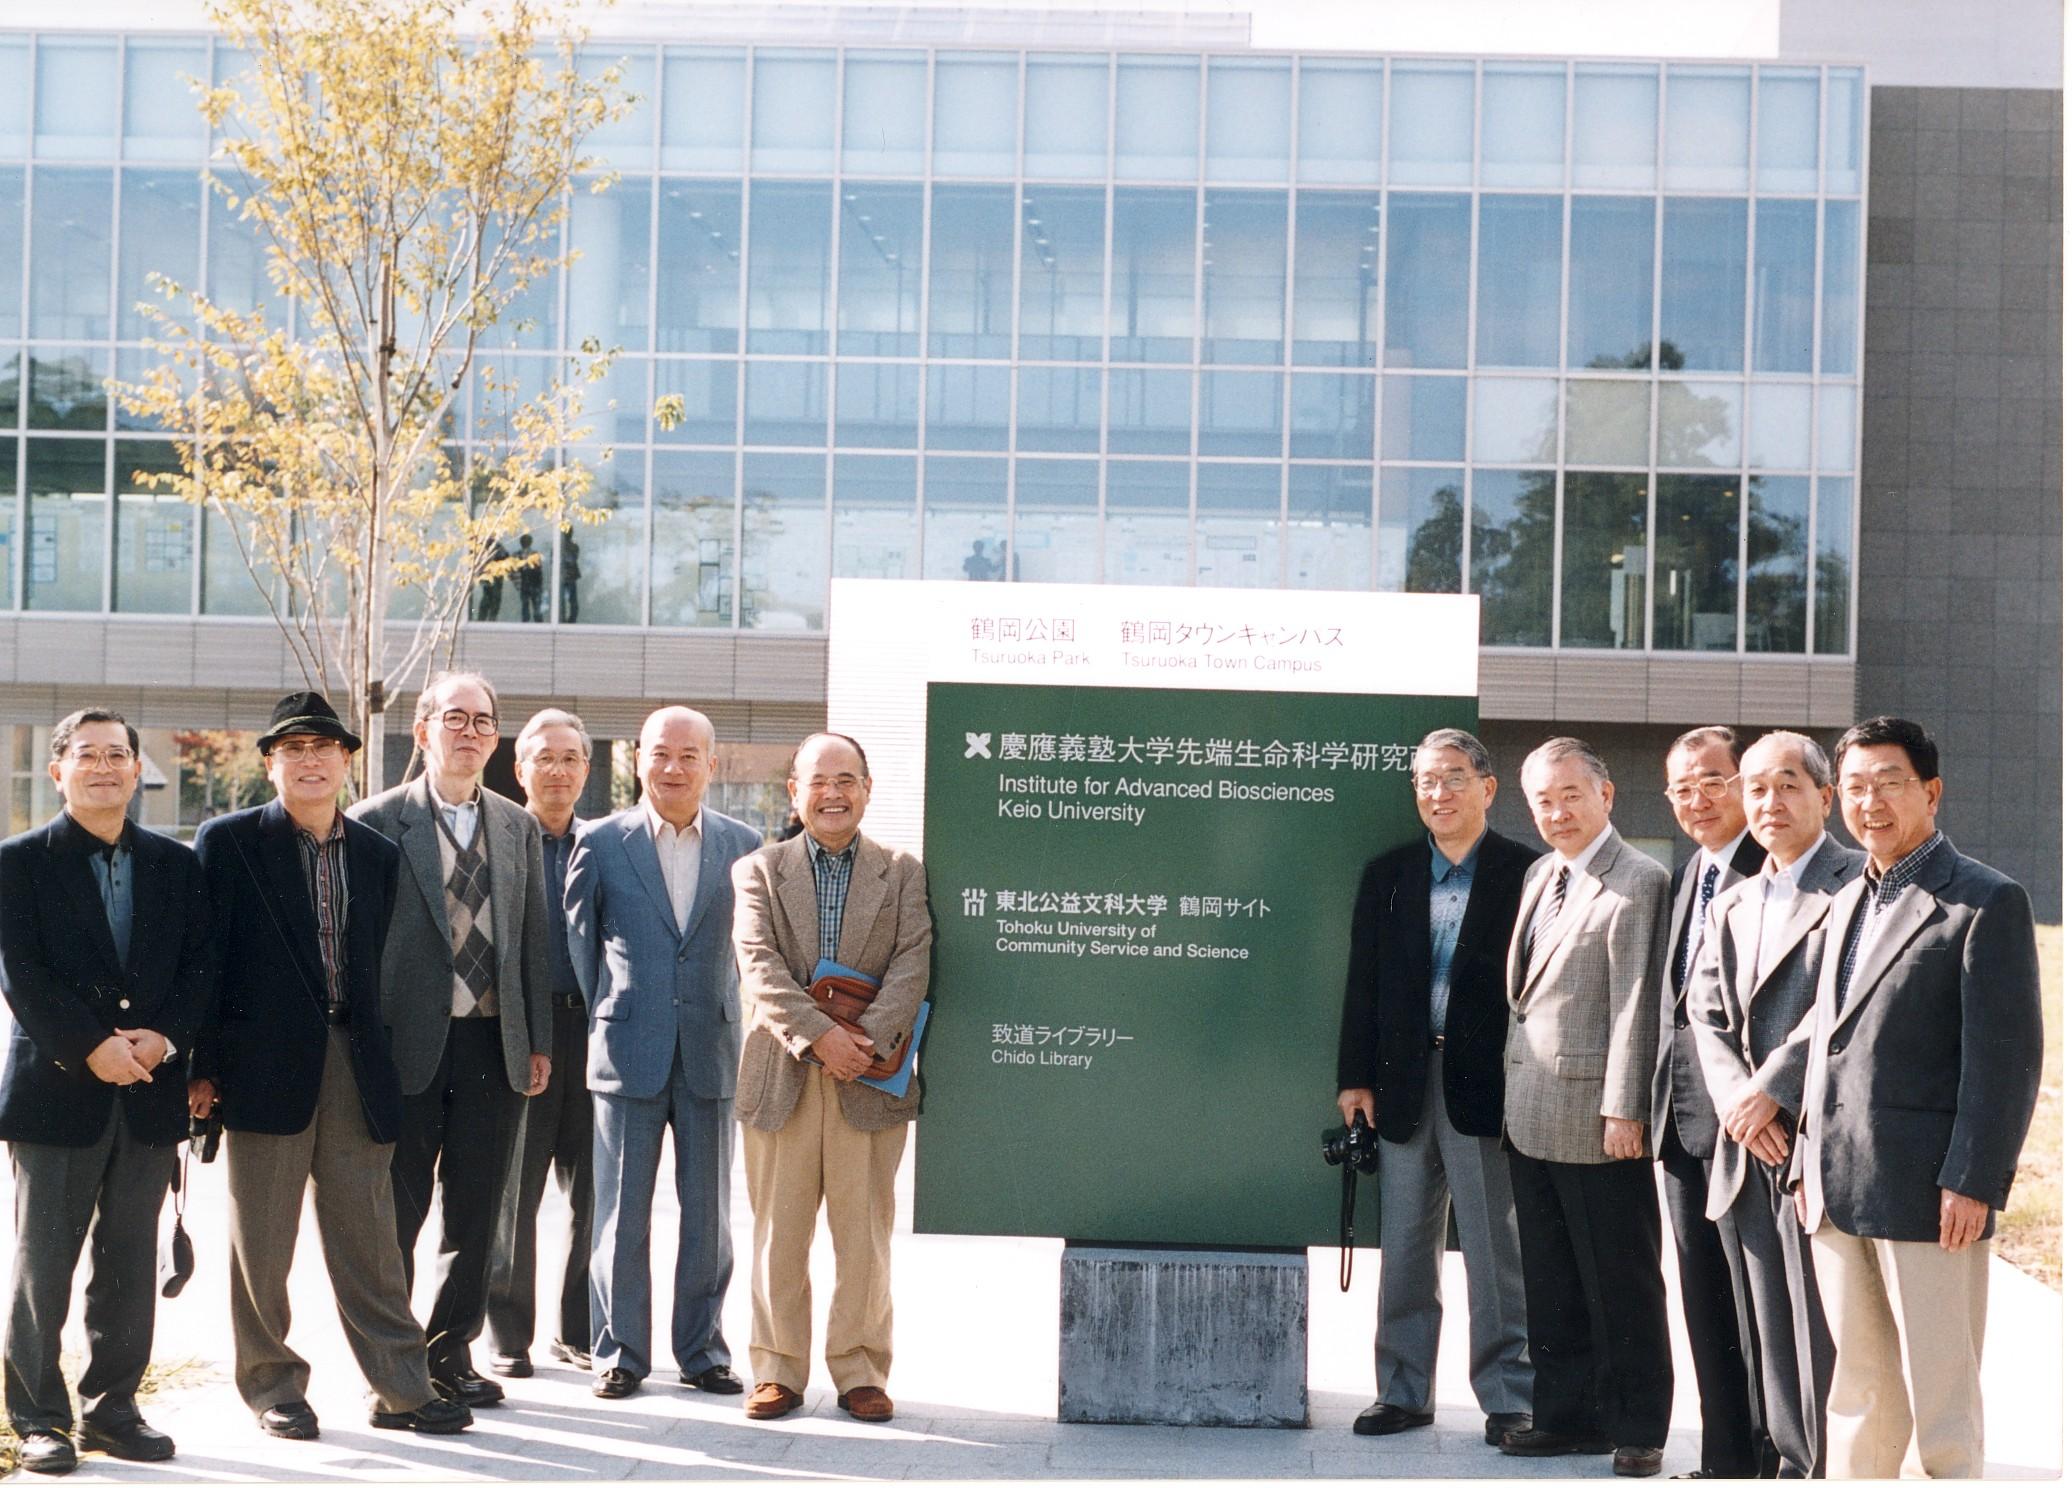 ゼミ仲間と慶大・東北公益文科大鶴岡サイト見学 2002年10月